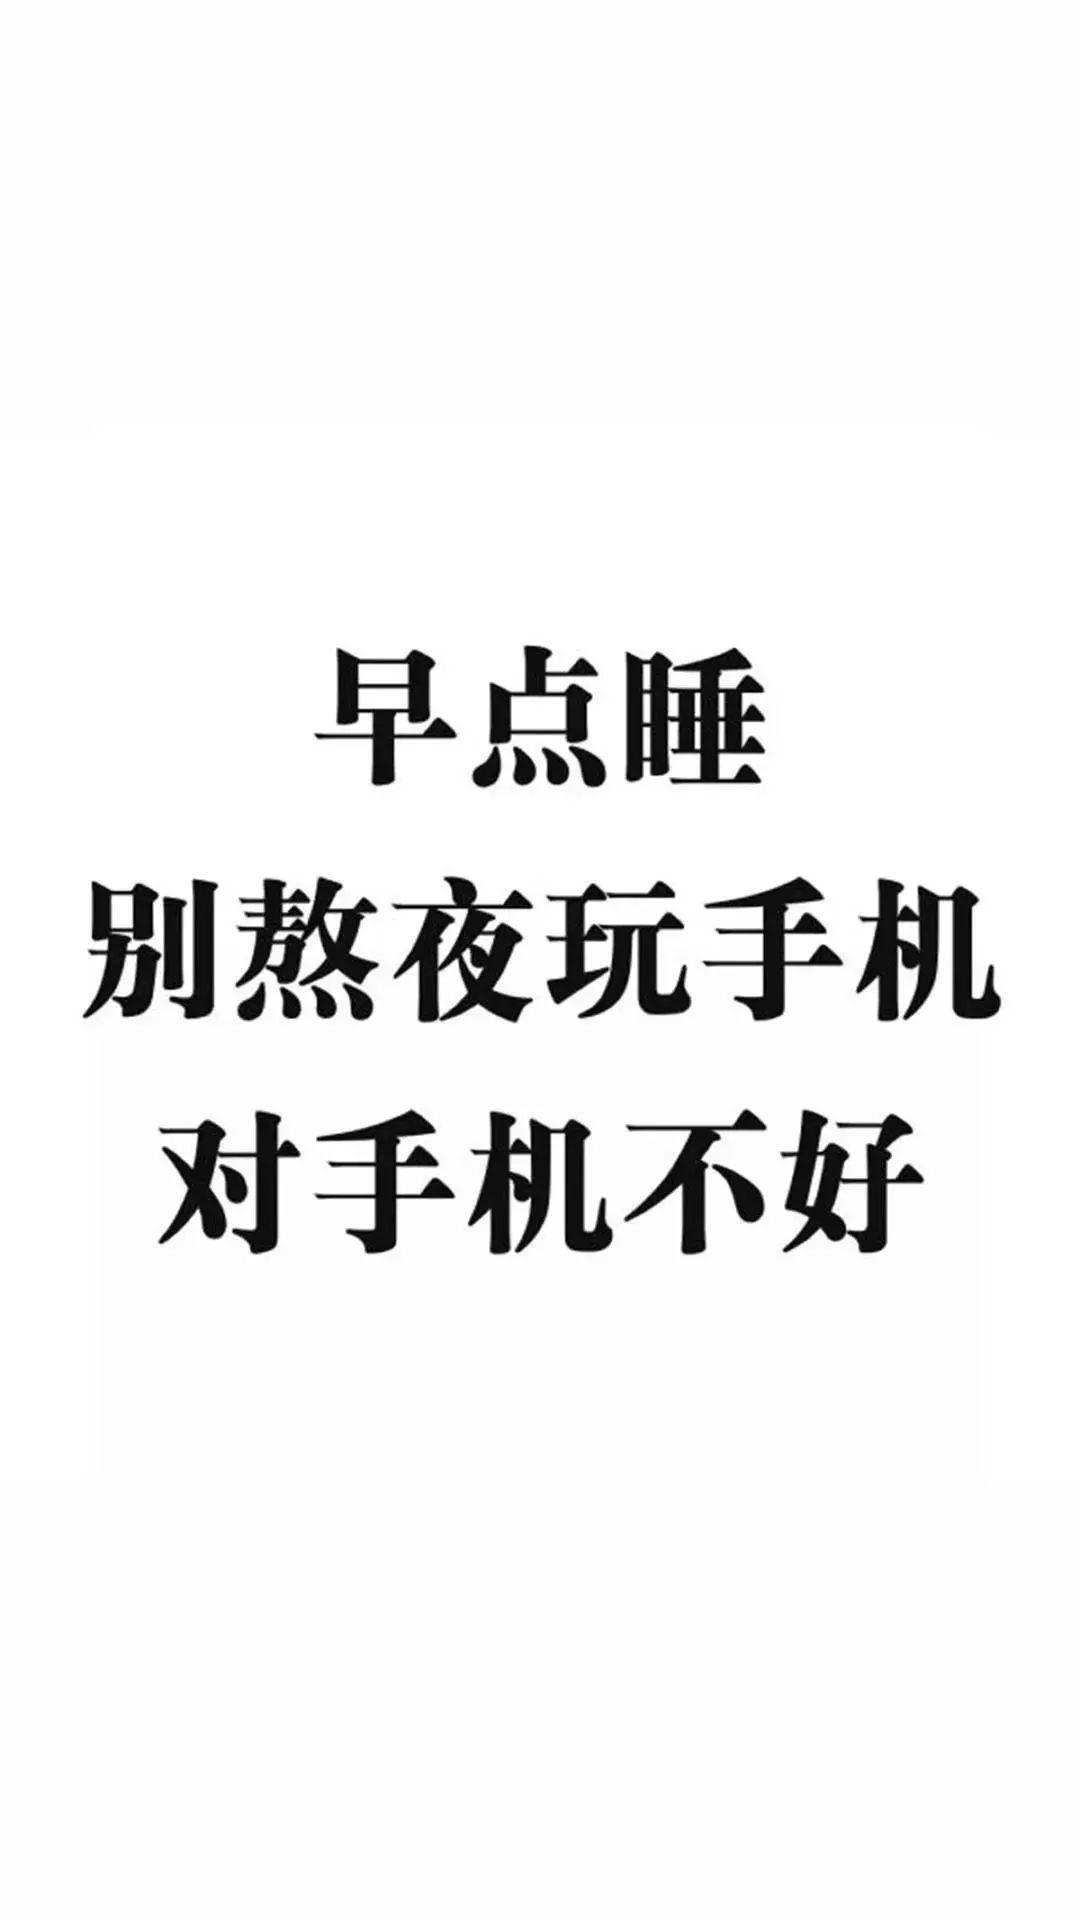 【写人作文】坚强的我700字作文-新东方宝典